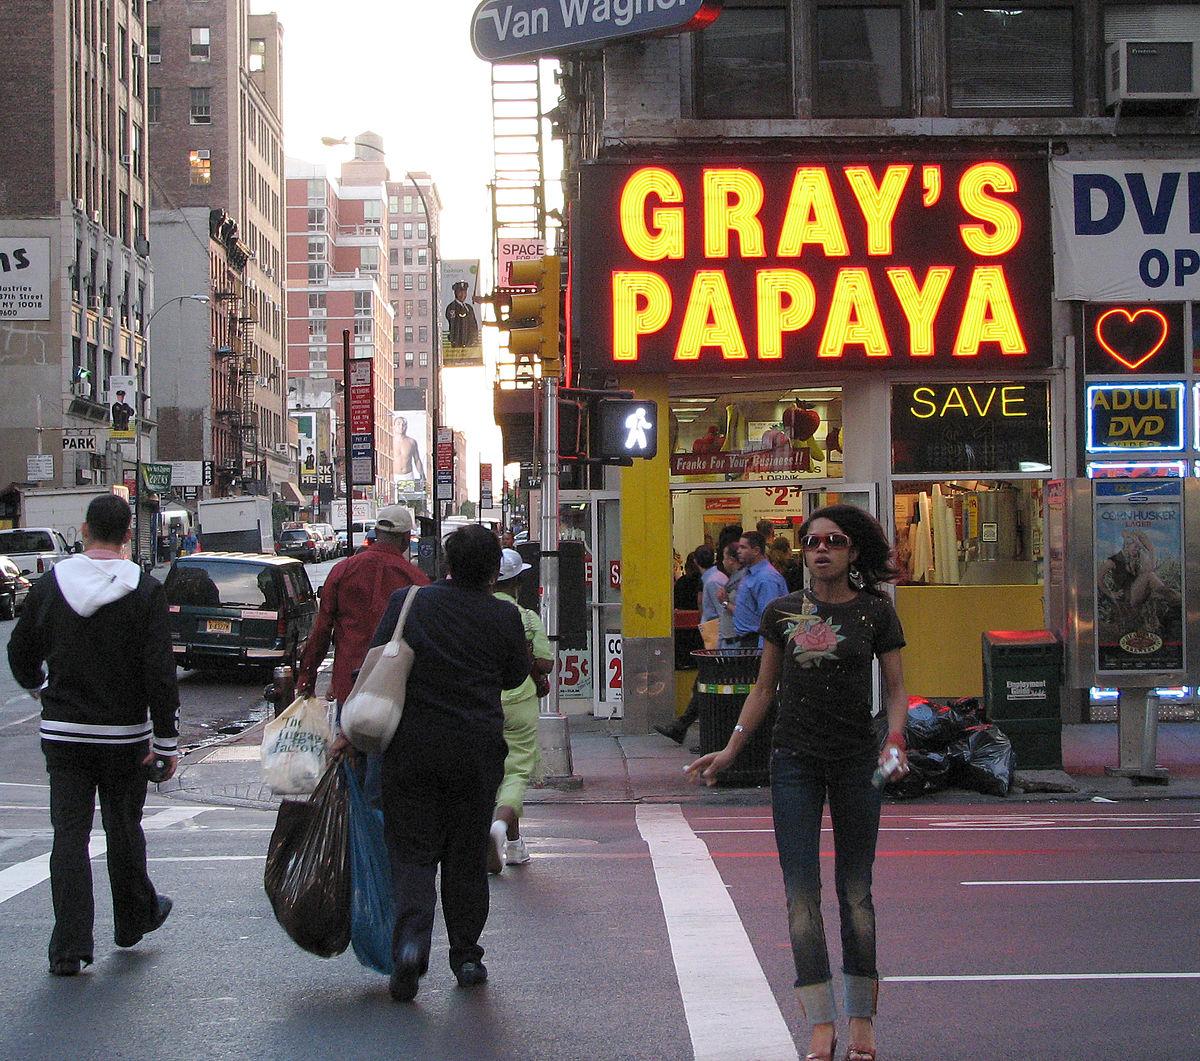 Grays Papaya  Wikipedia